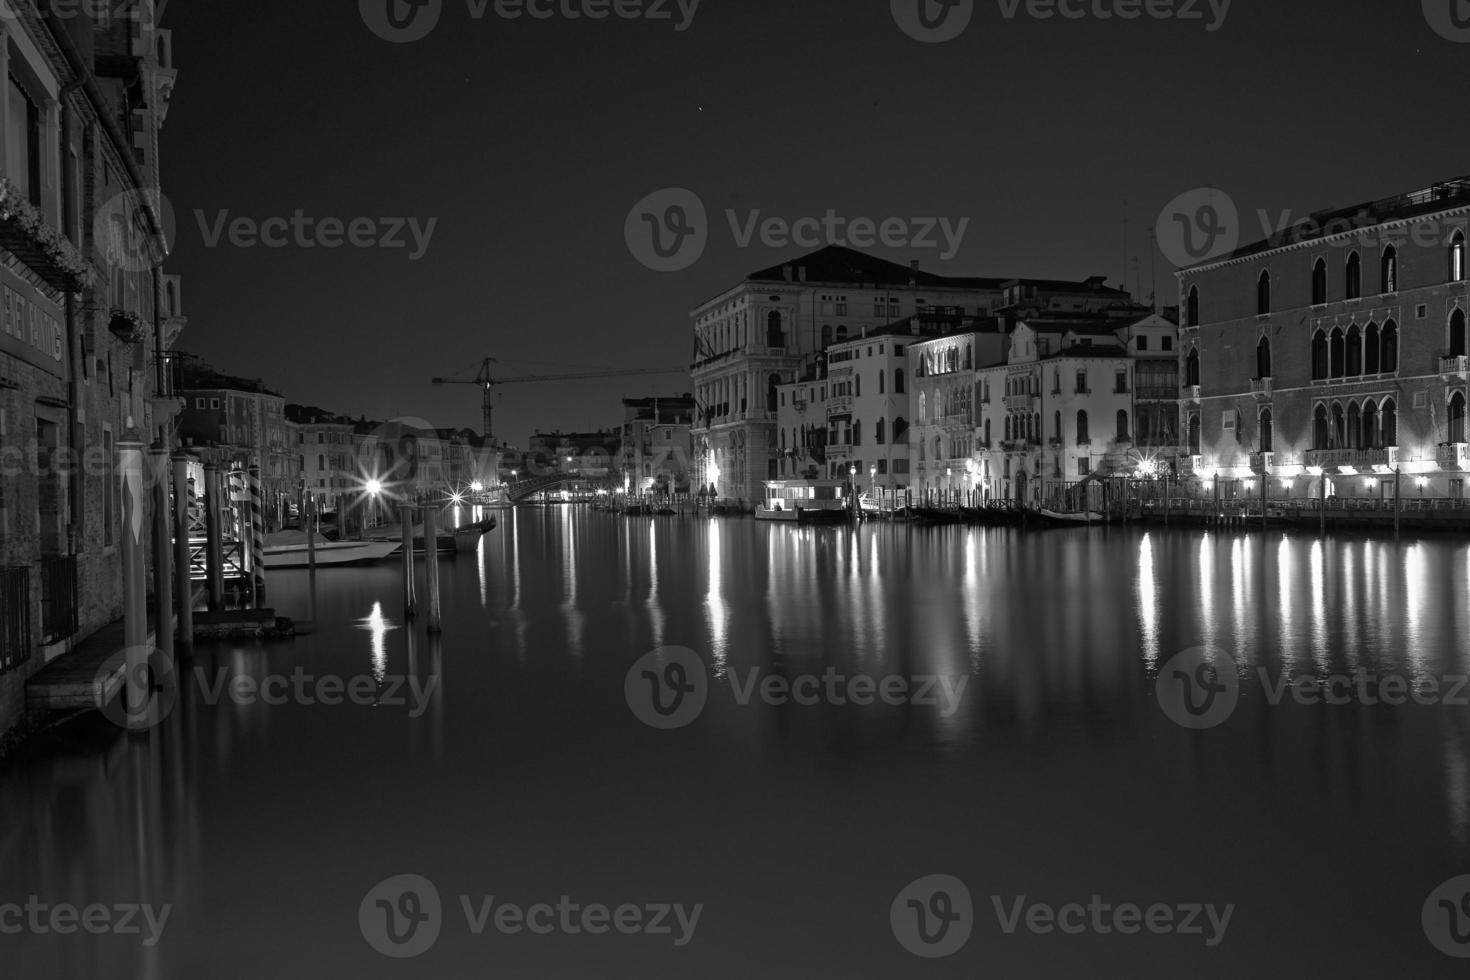 venezia longa exposição à noite. foto